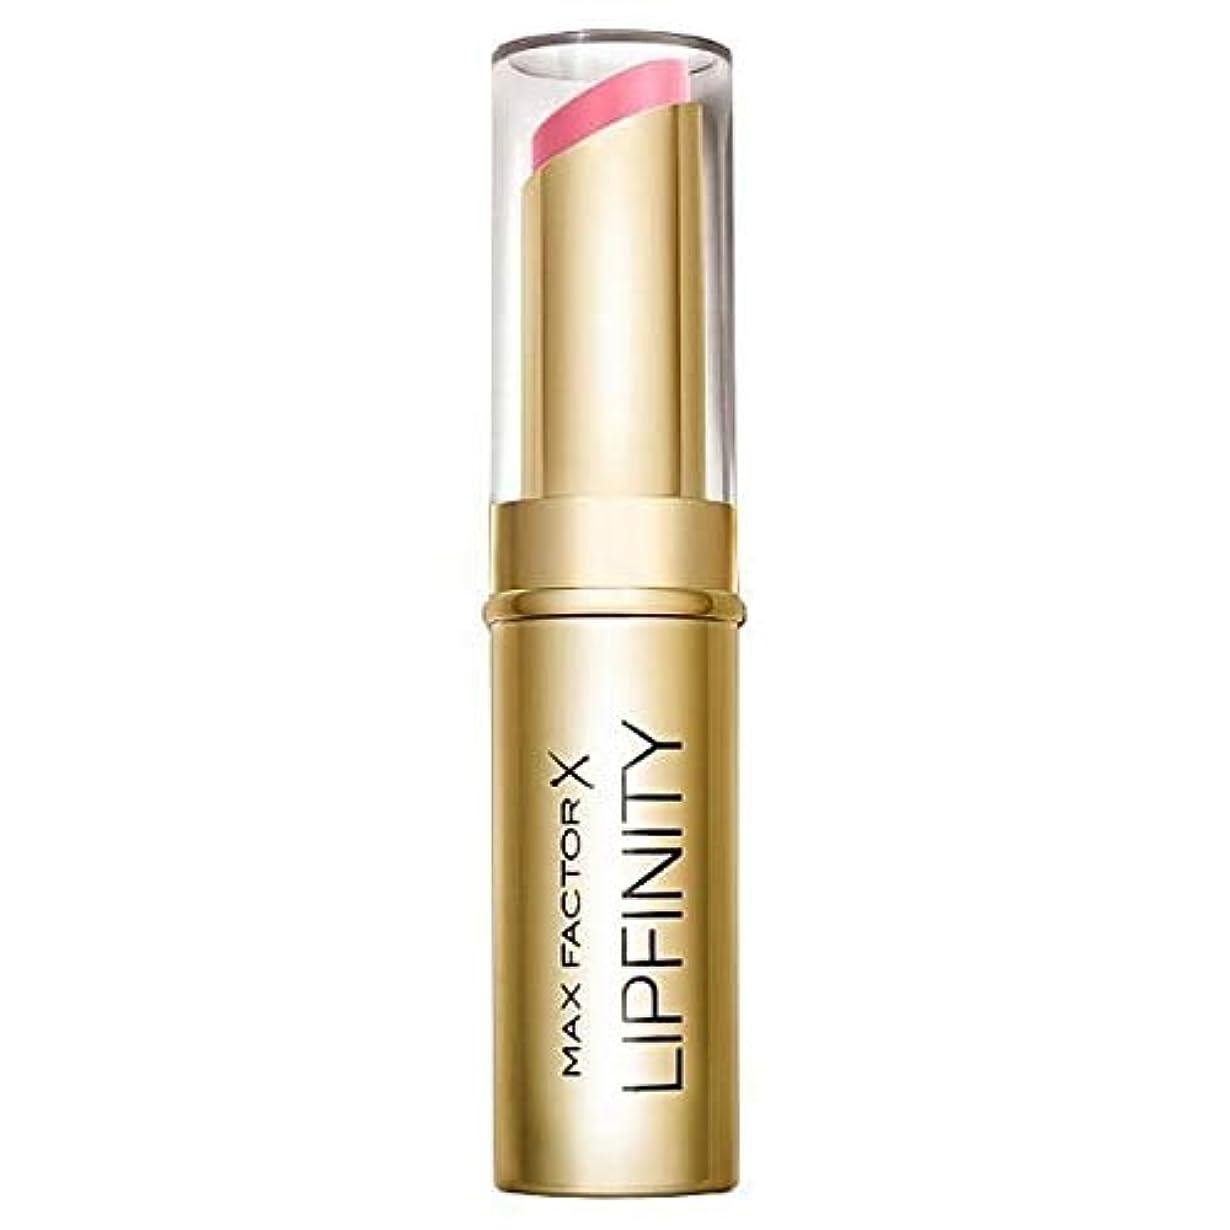 サラダアルプス驚[Max Factor ] 長い口紅は永遠崇高持続マックスファクターLipfinity - Max Factor Lipfinity Long Lasting Lipstick Evermore Sublime [並行輸入品]